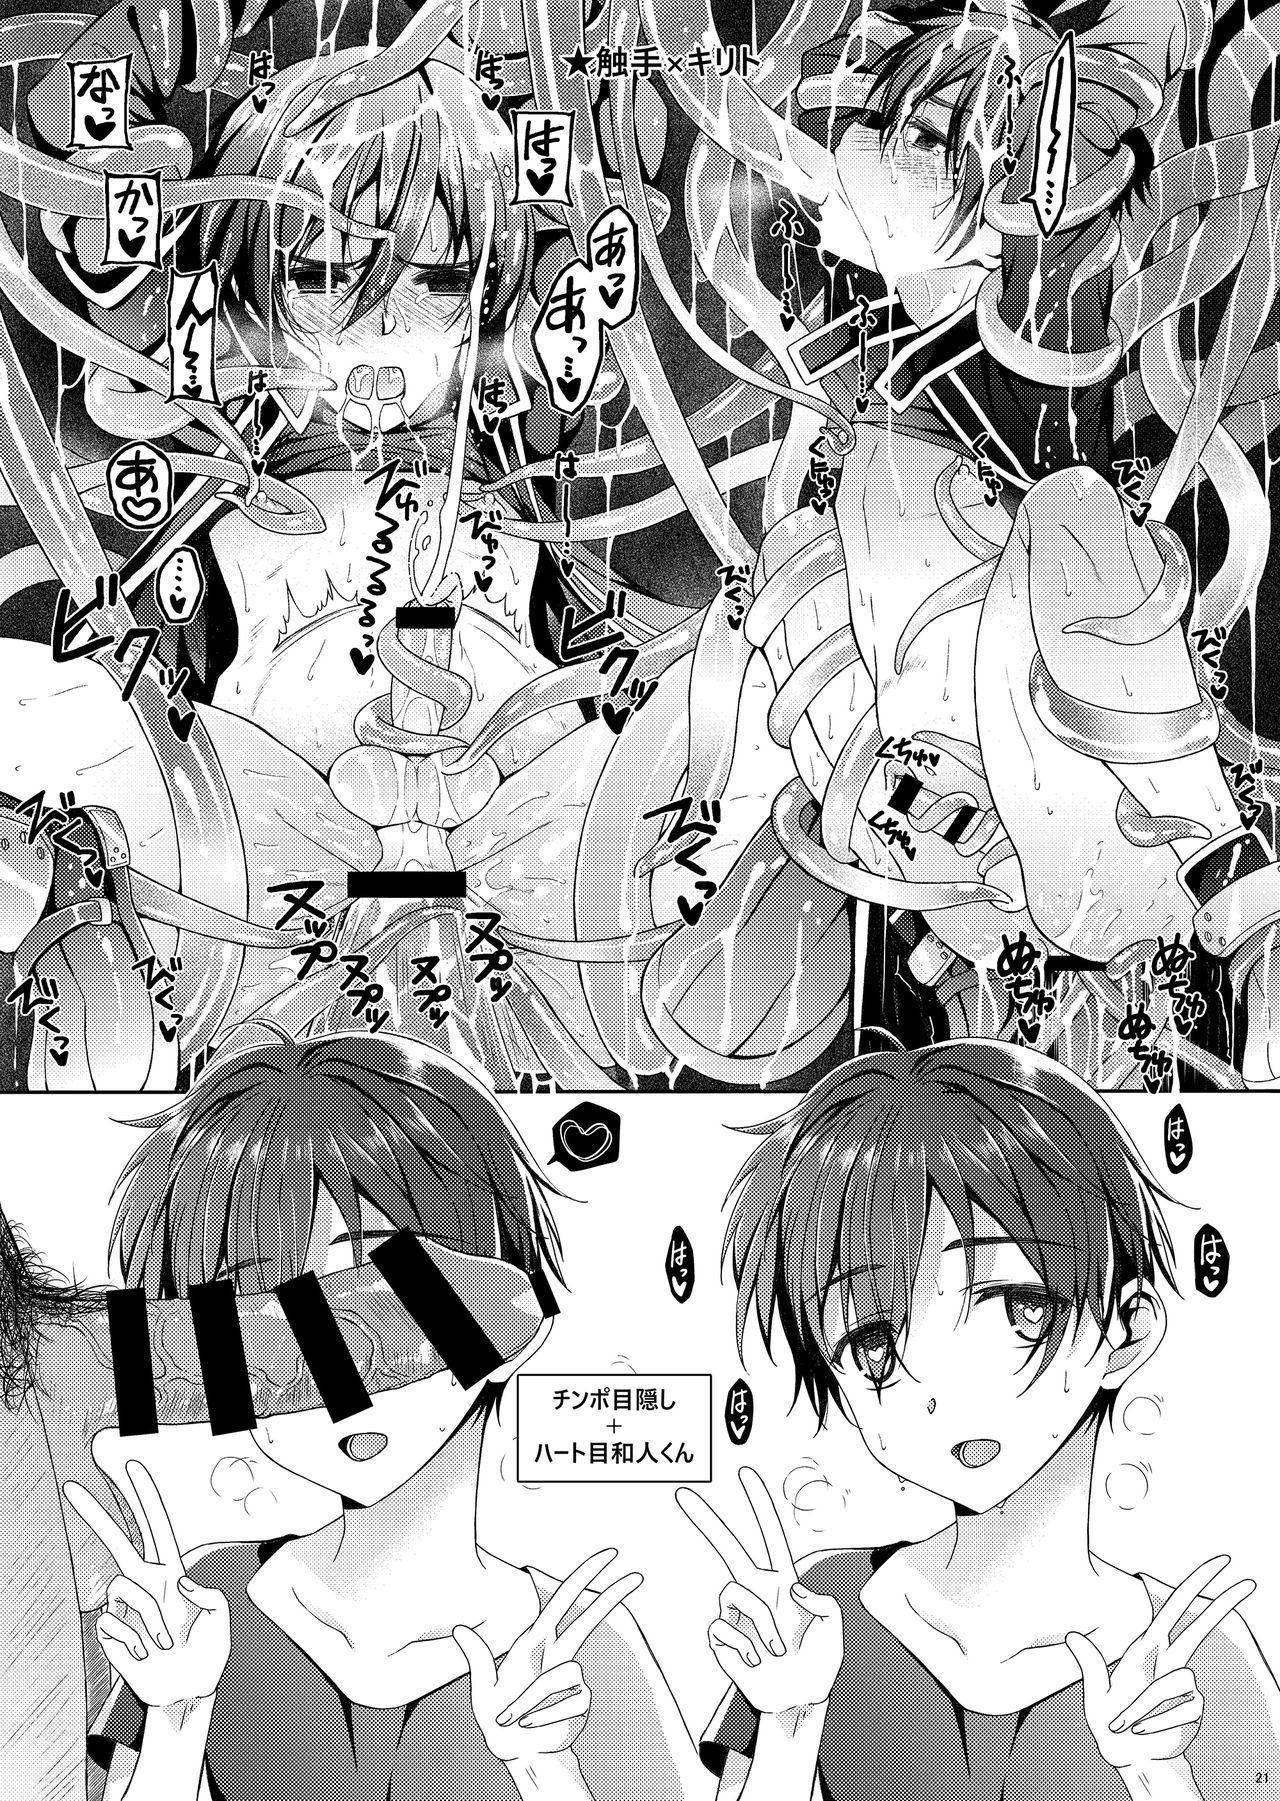 Kuro no Kenshi Ryoujoku 20